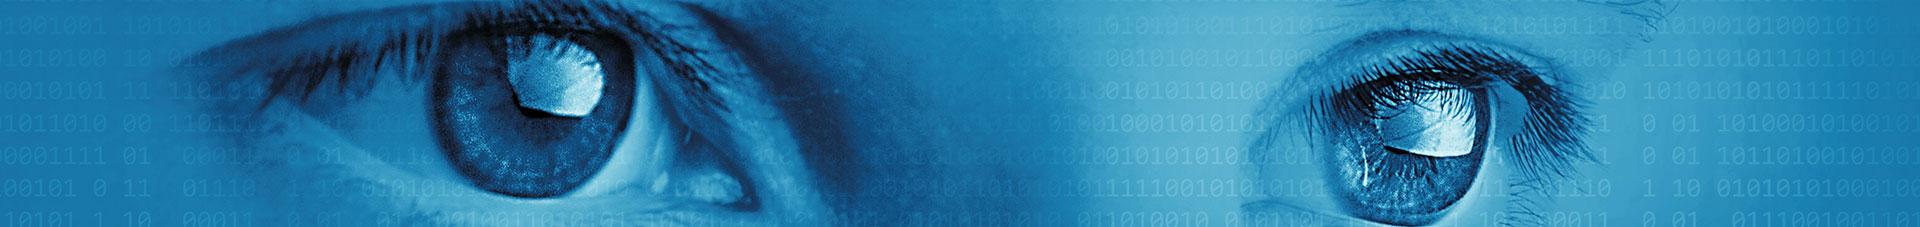 human-technology-